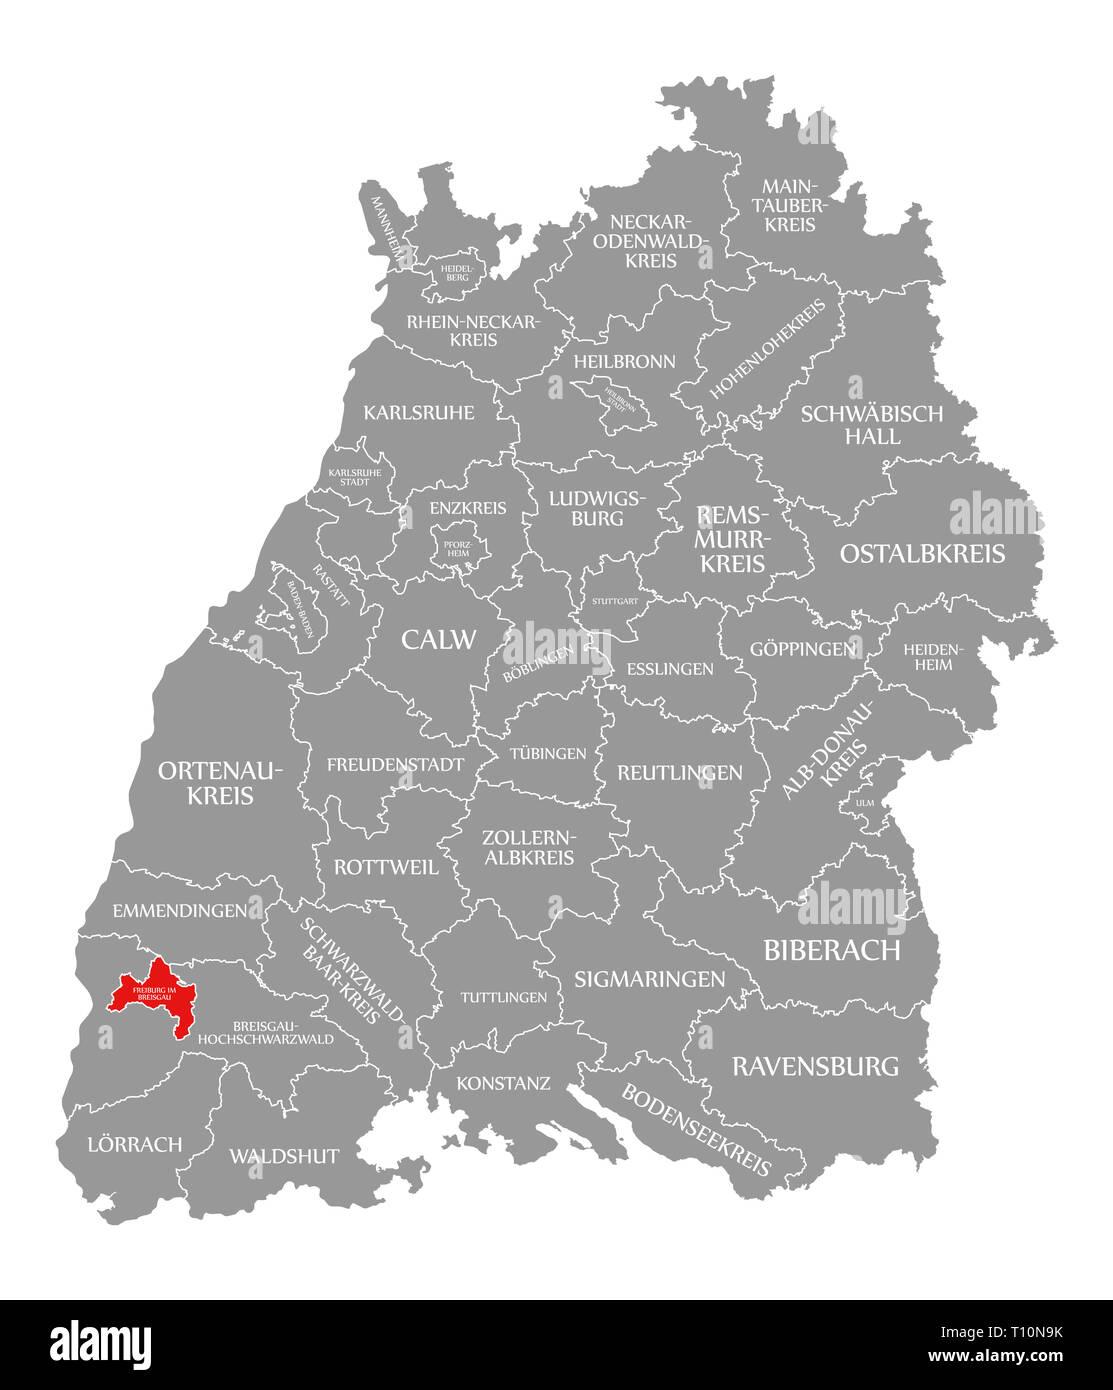 freiburg karte deutschland Freiburg im Breisgau County in Rot hervorgehoben Karte von Baden